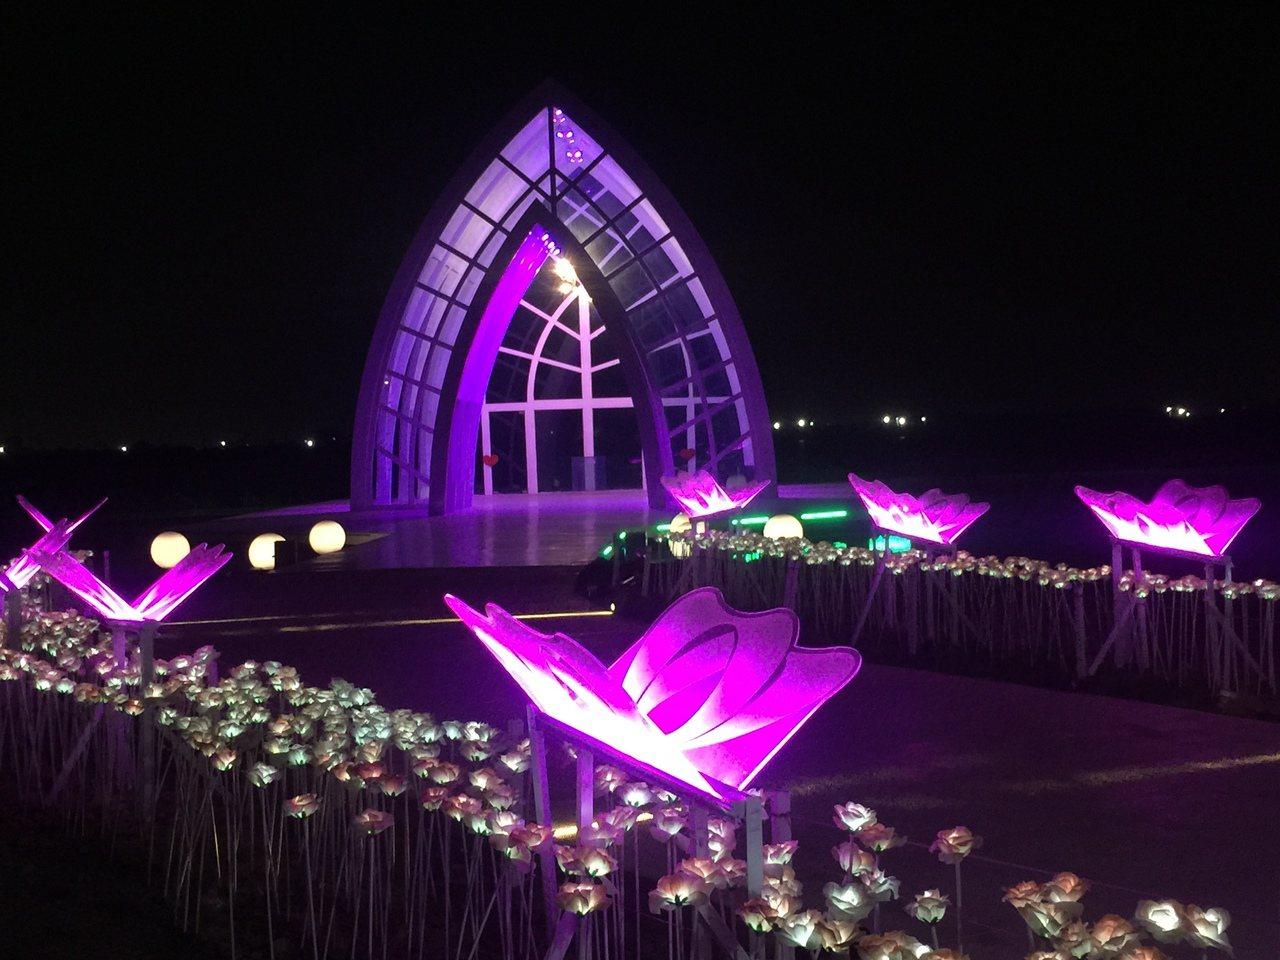 北門水晶教堂晚上有燈光,夢幻如詩如畫。記者吳政修/攝影